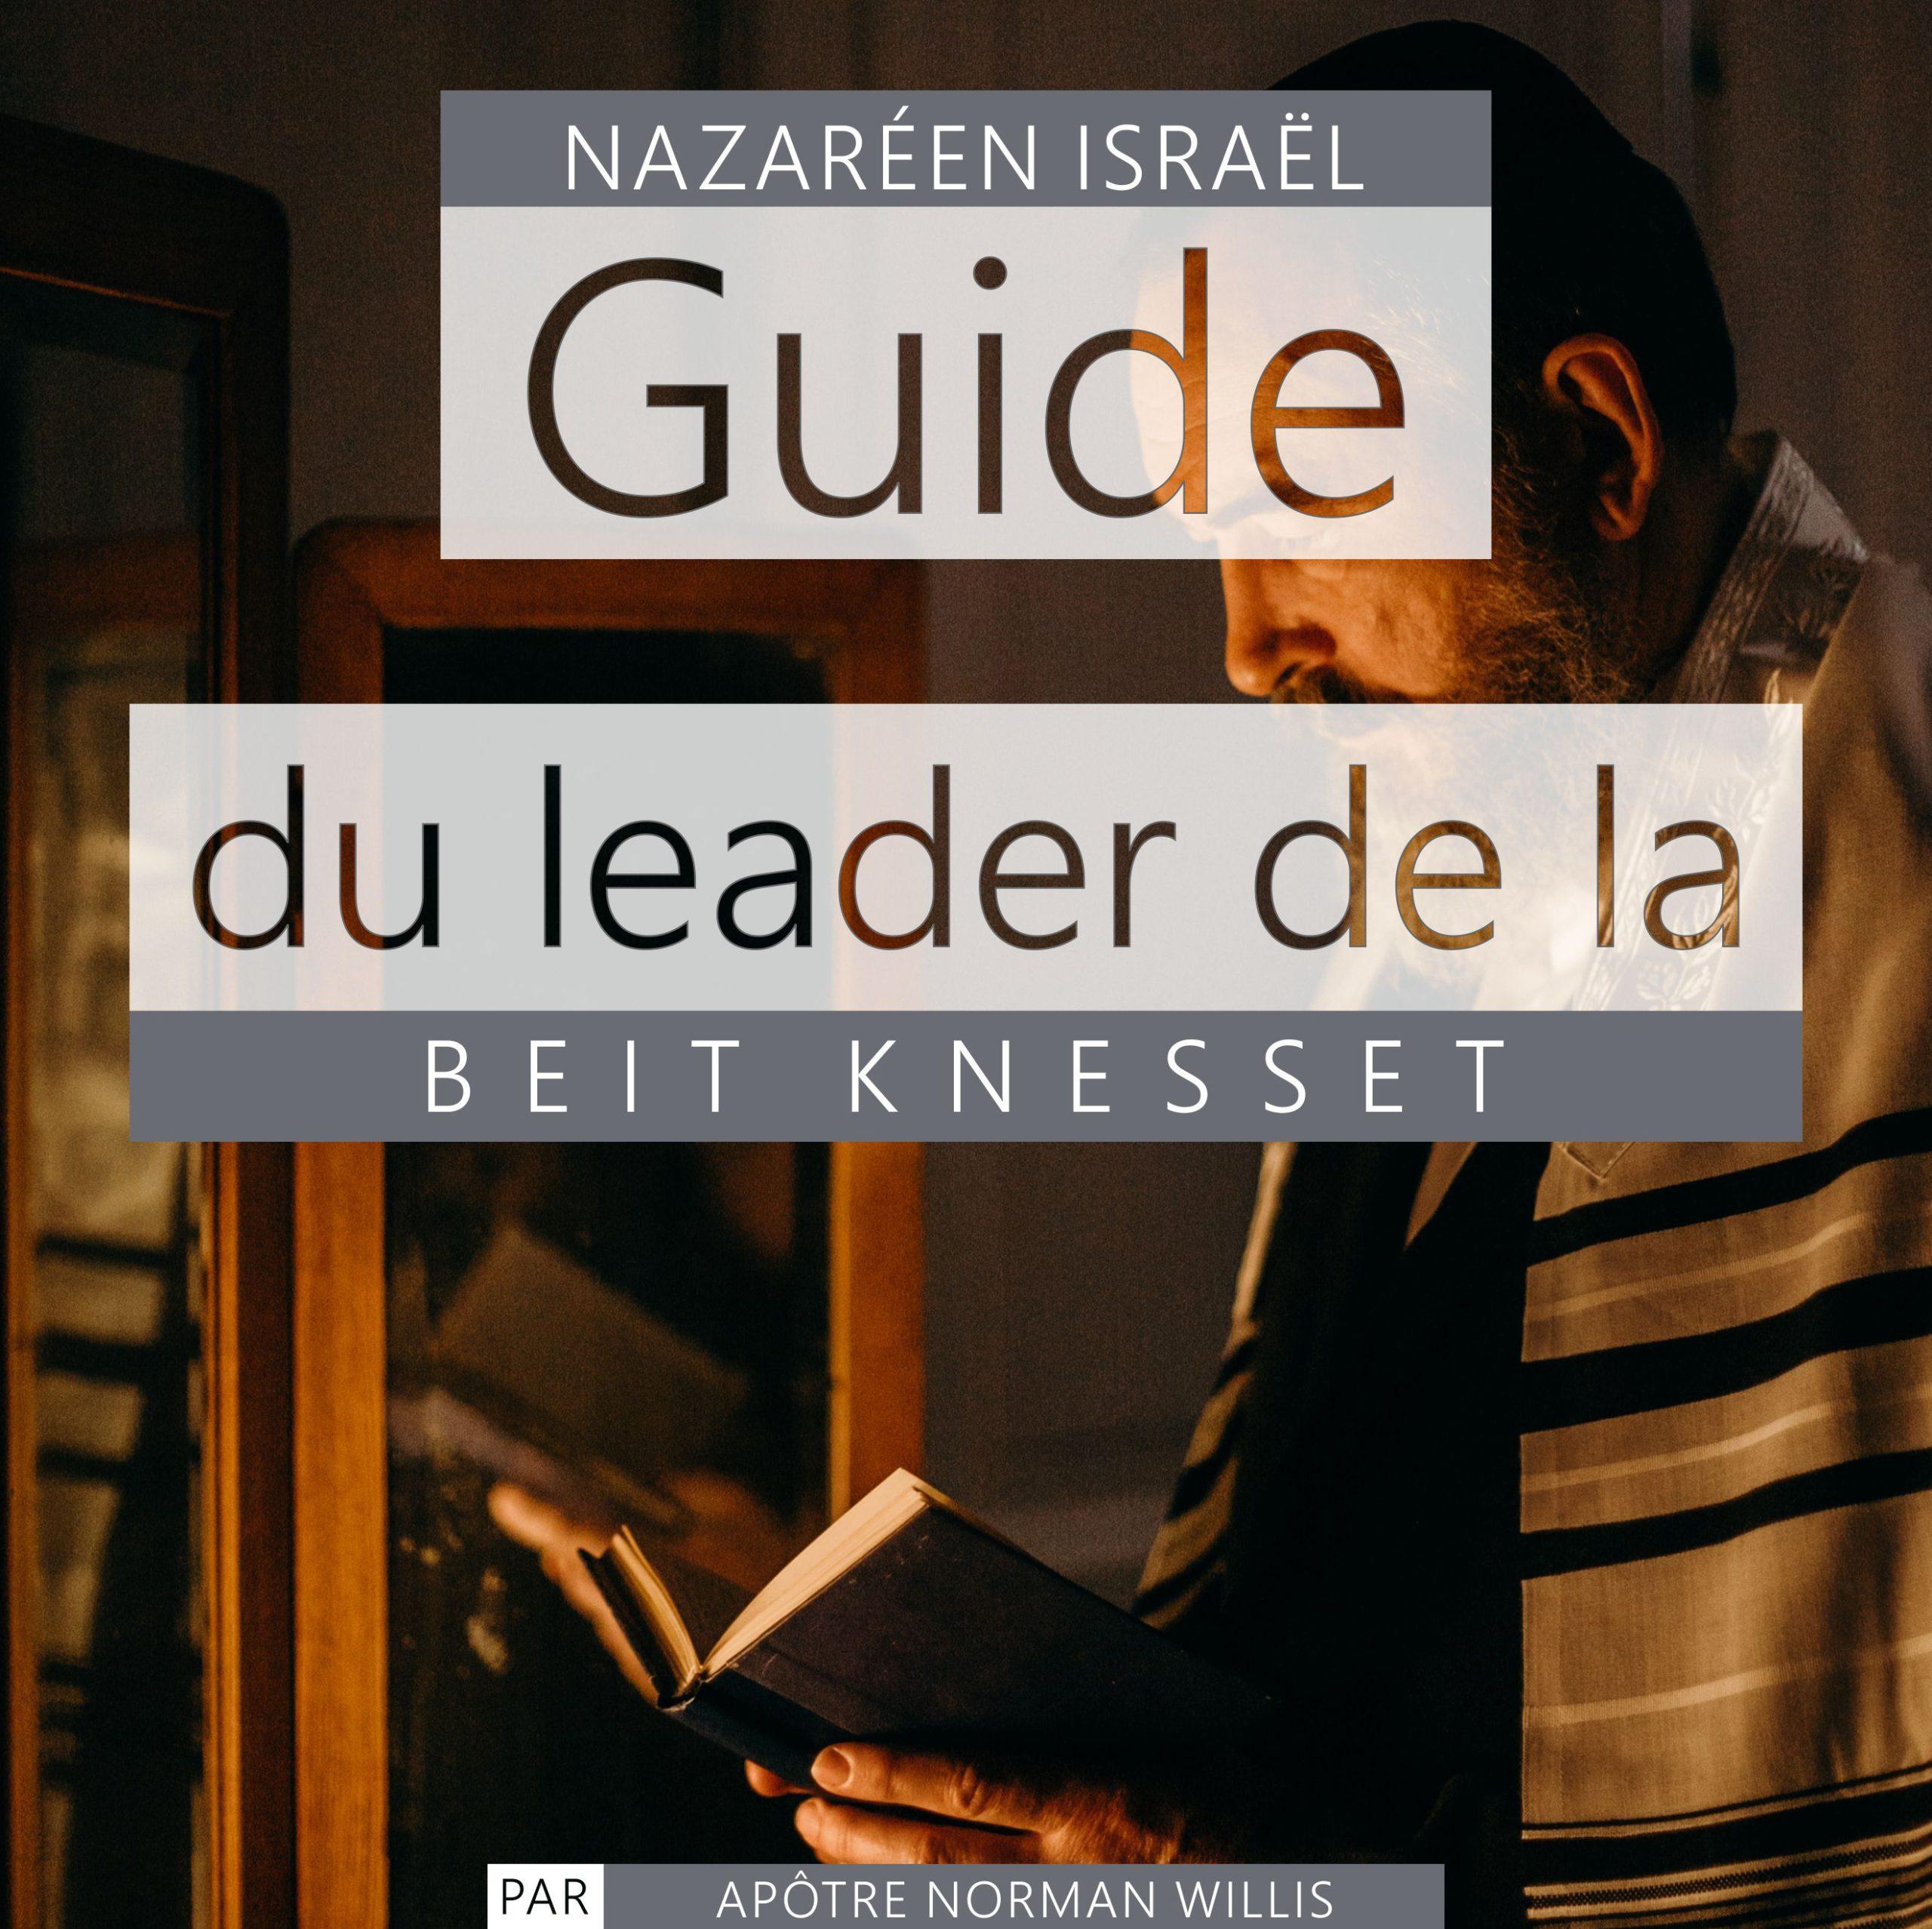 Guide du leader de la Knesset Beit